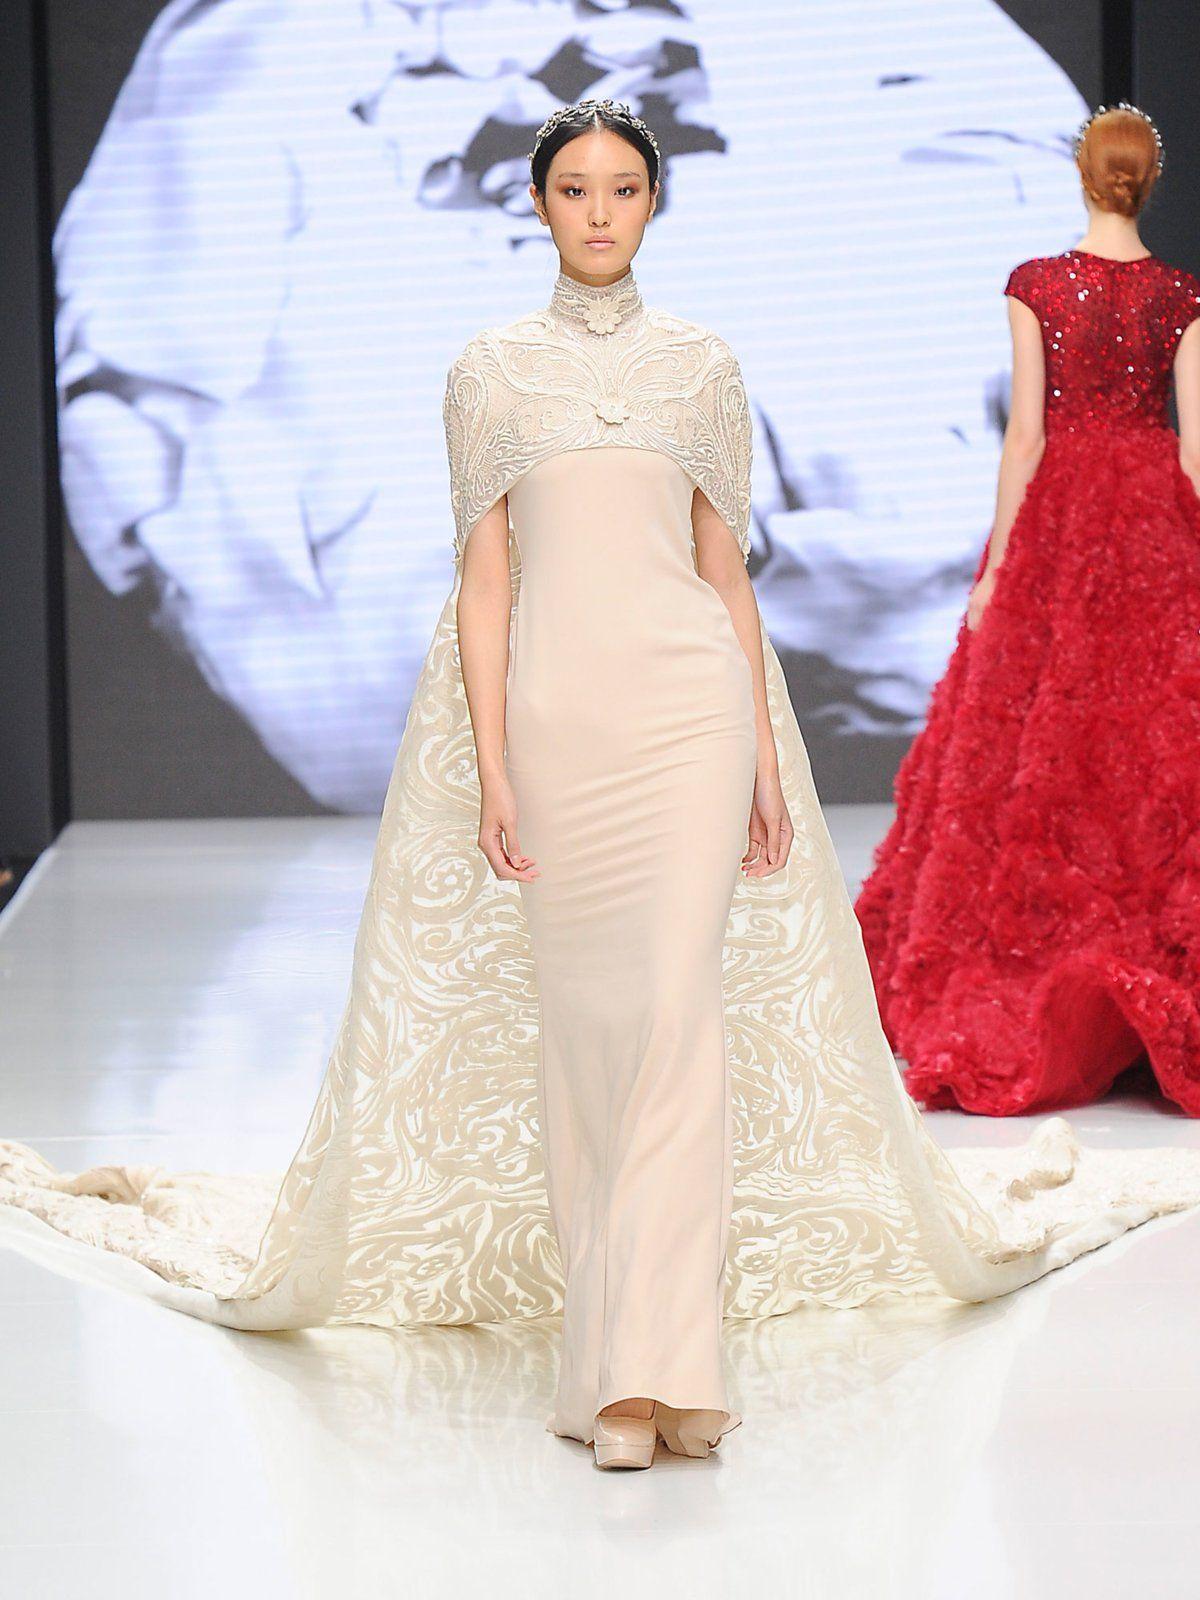 Hochzeitskleid Skorpion  Mode glamour, Kleider, Modestil